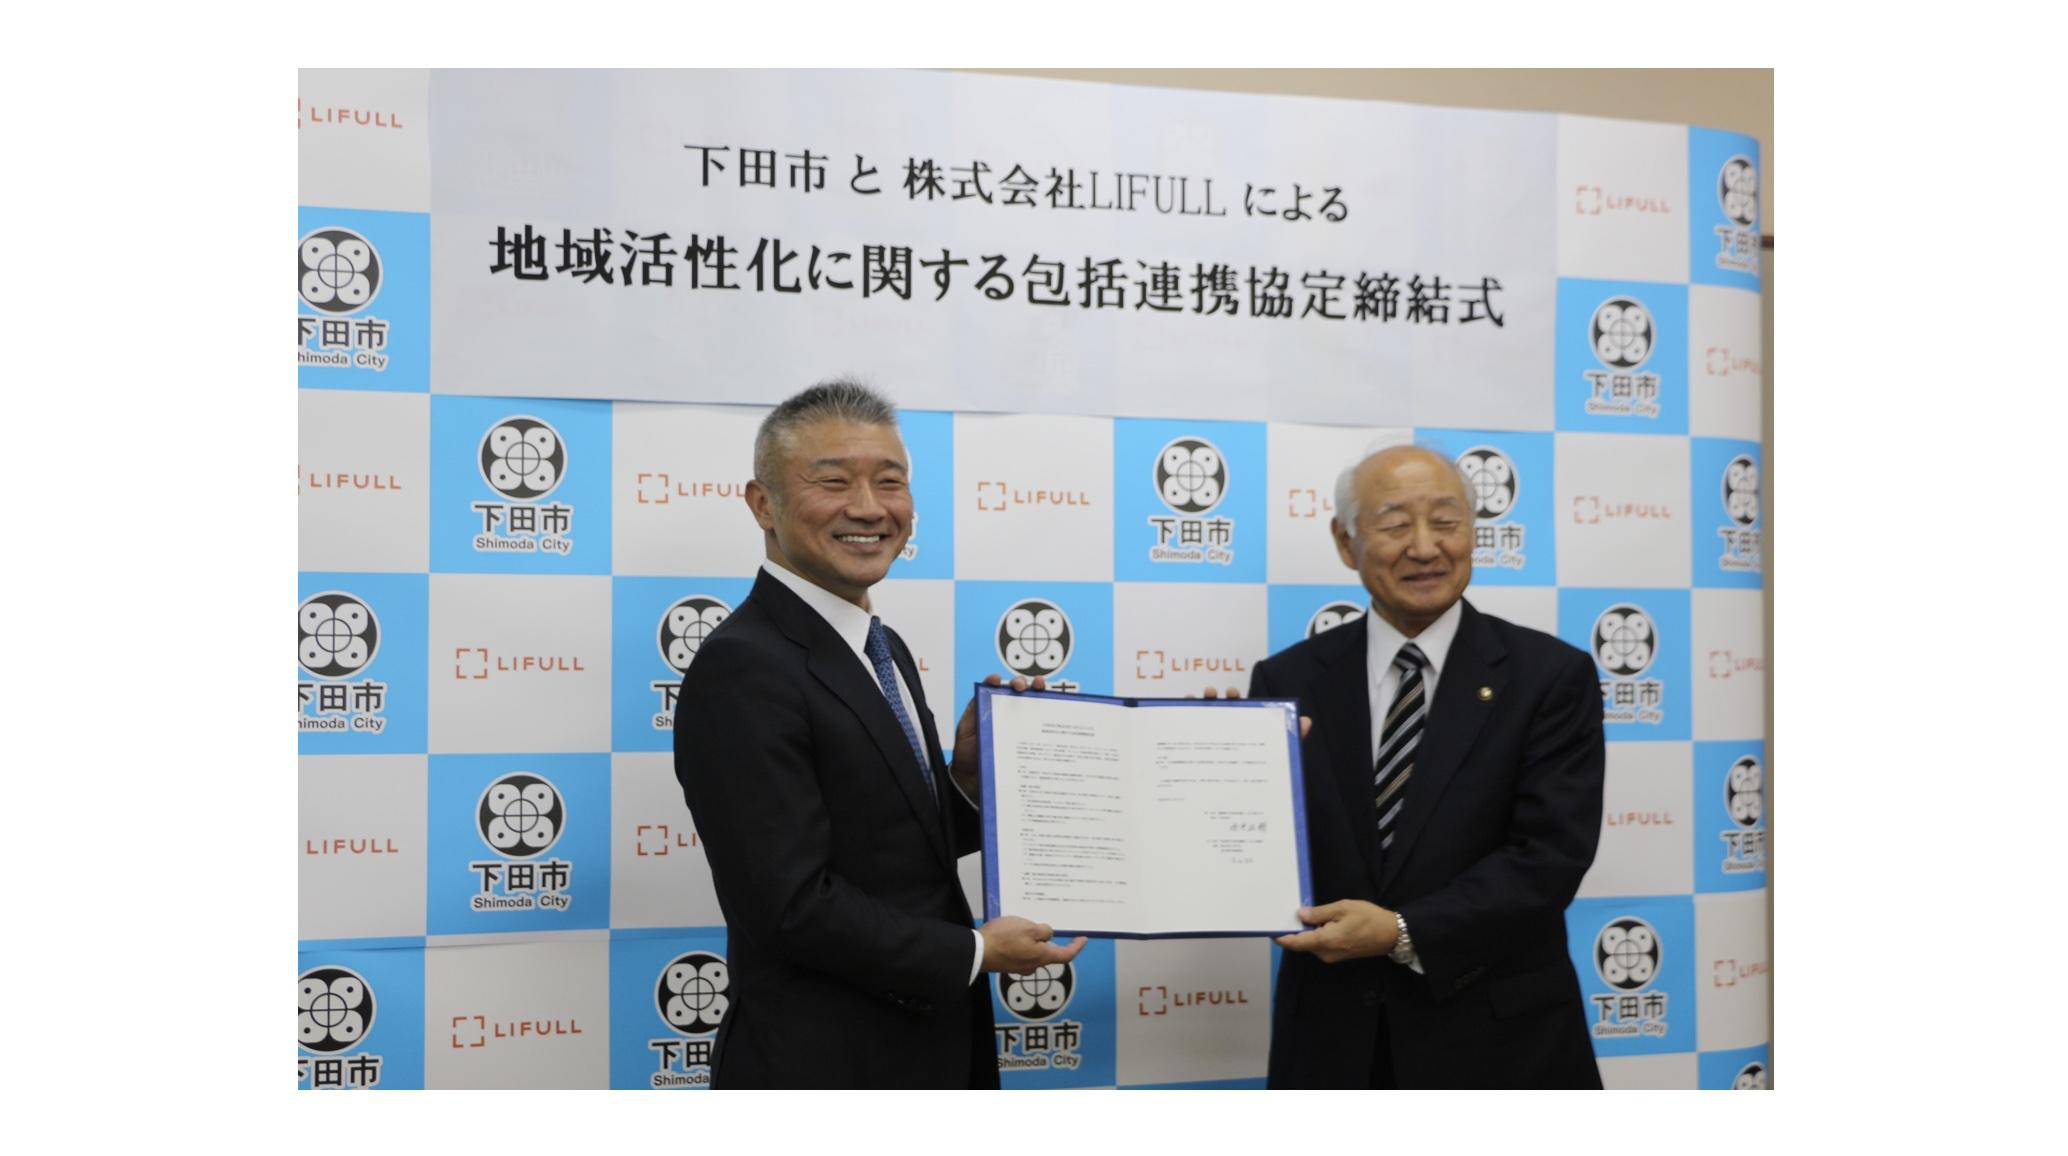 下田市×LIFULL | 空き家等の利活用を通じた地域活性化連携協定を締結